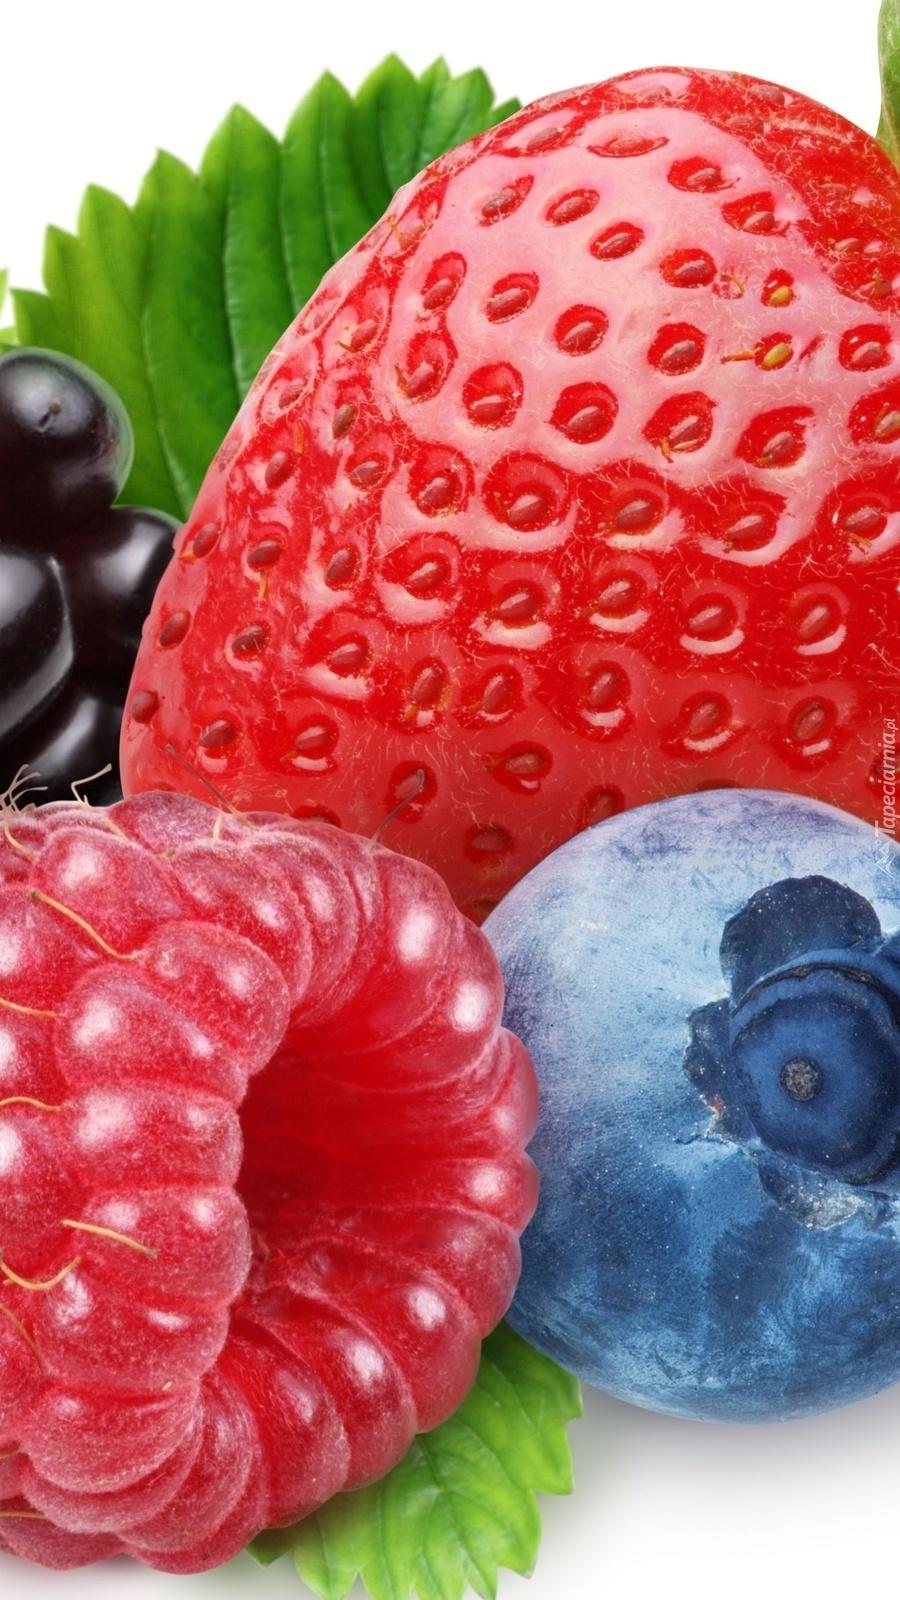 Truskawka w towarzystwie maliny i jagody